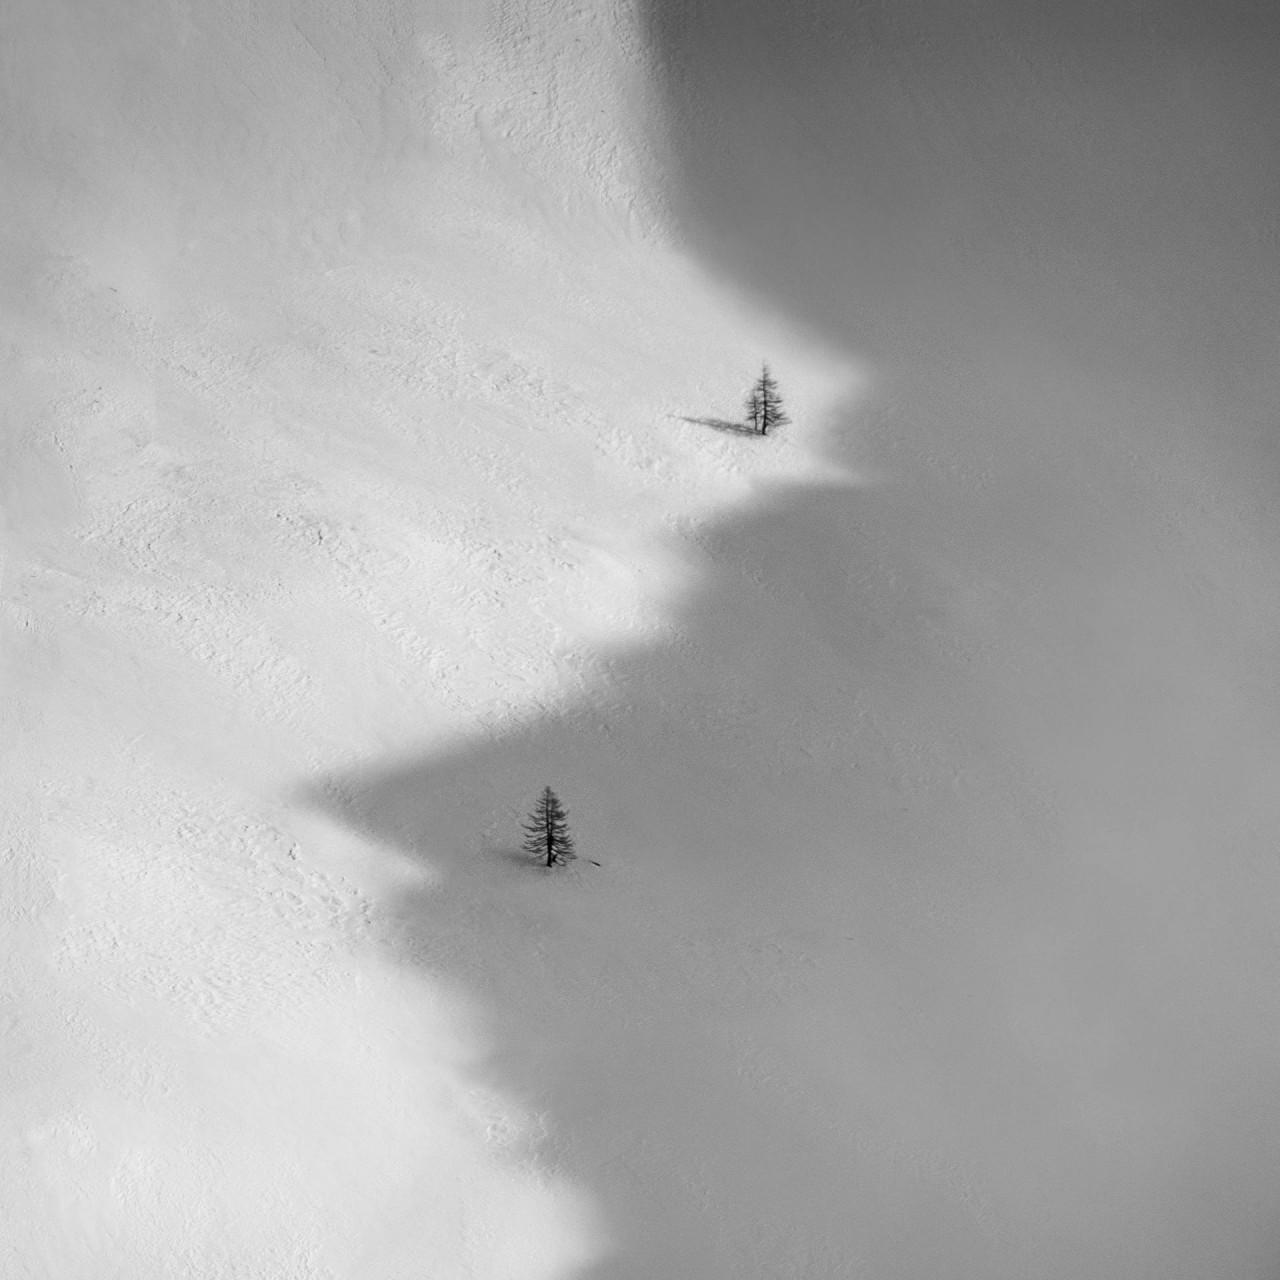 Австрийские Альпы. Автор Петер Свобода